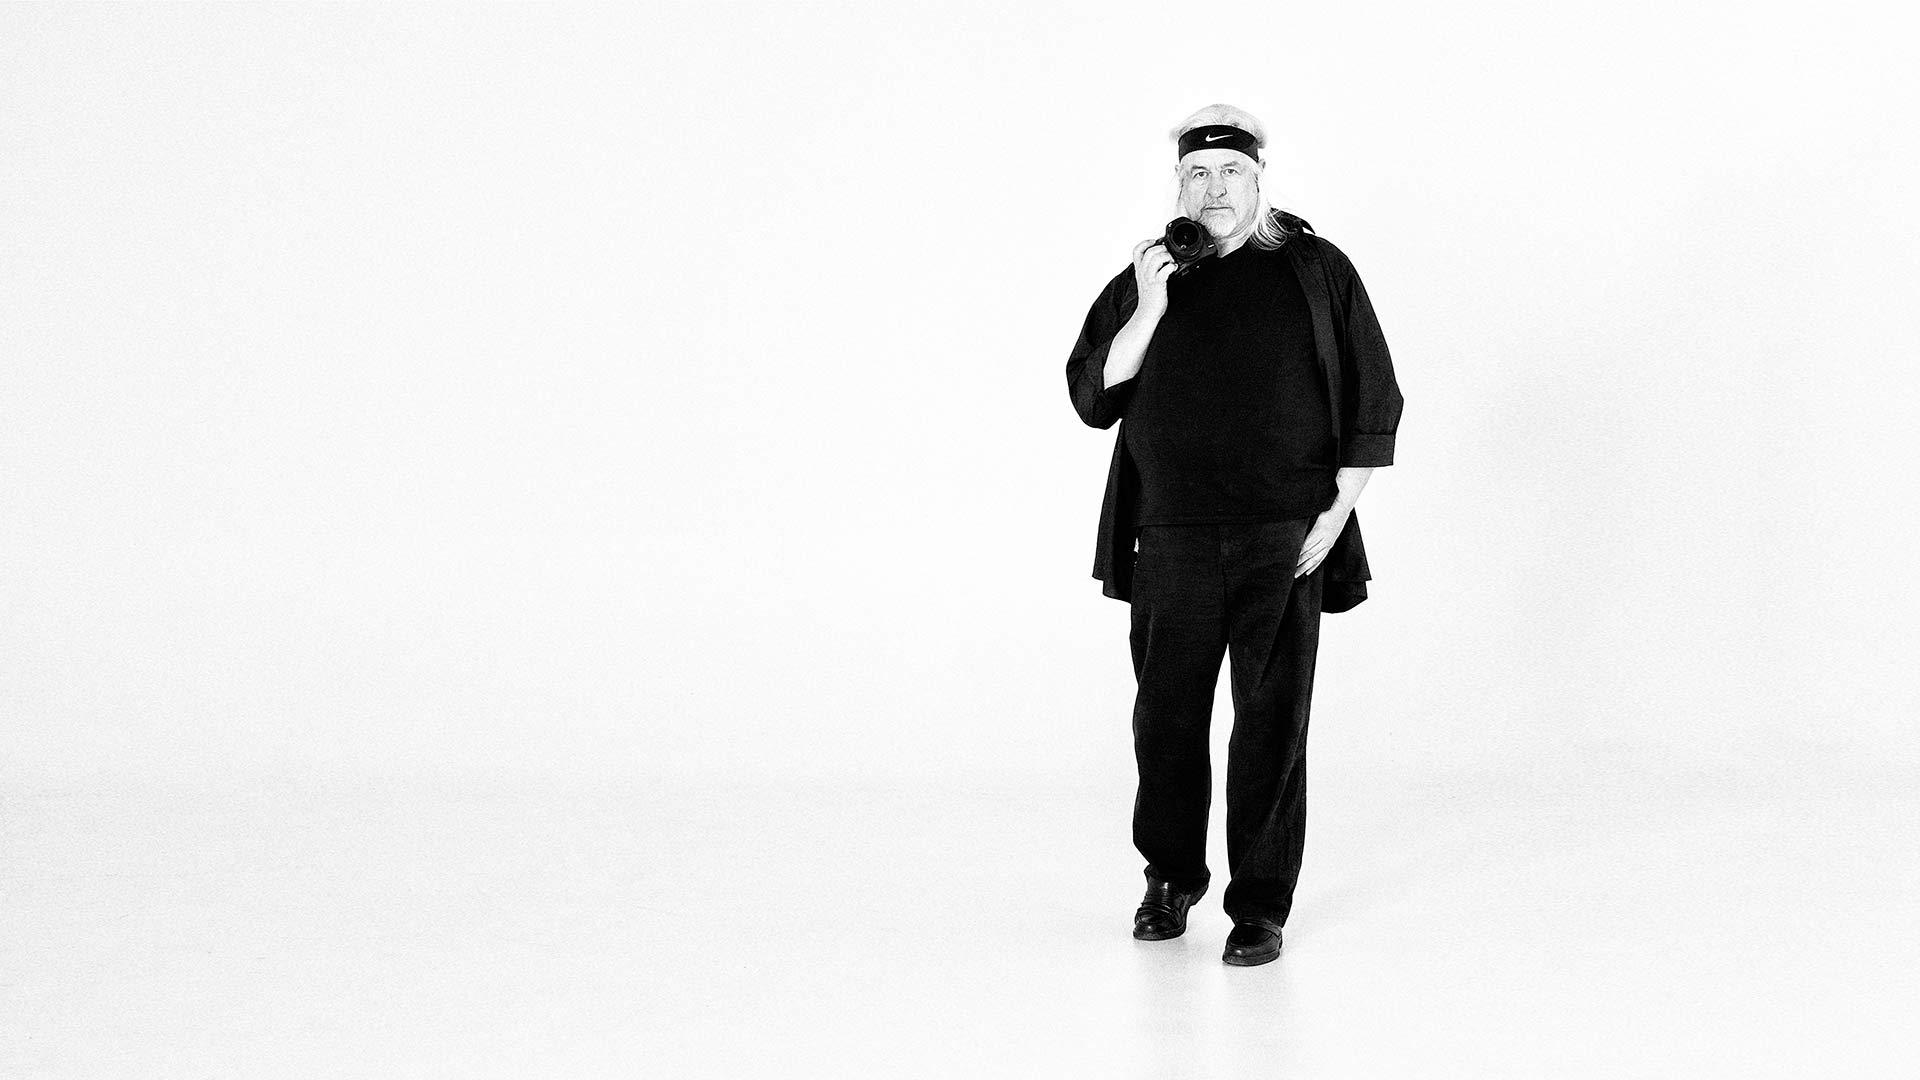 Selbstportrait des Münchner Fotografen Wolfgang Galow in Schwarz-Weiß